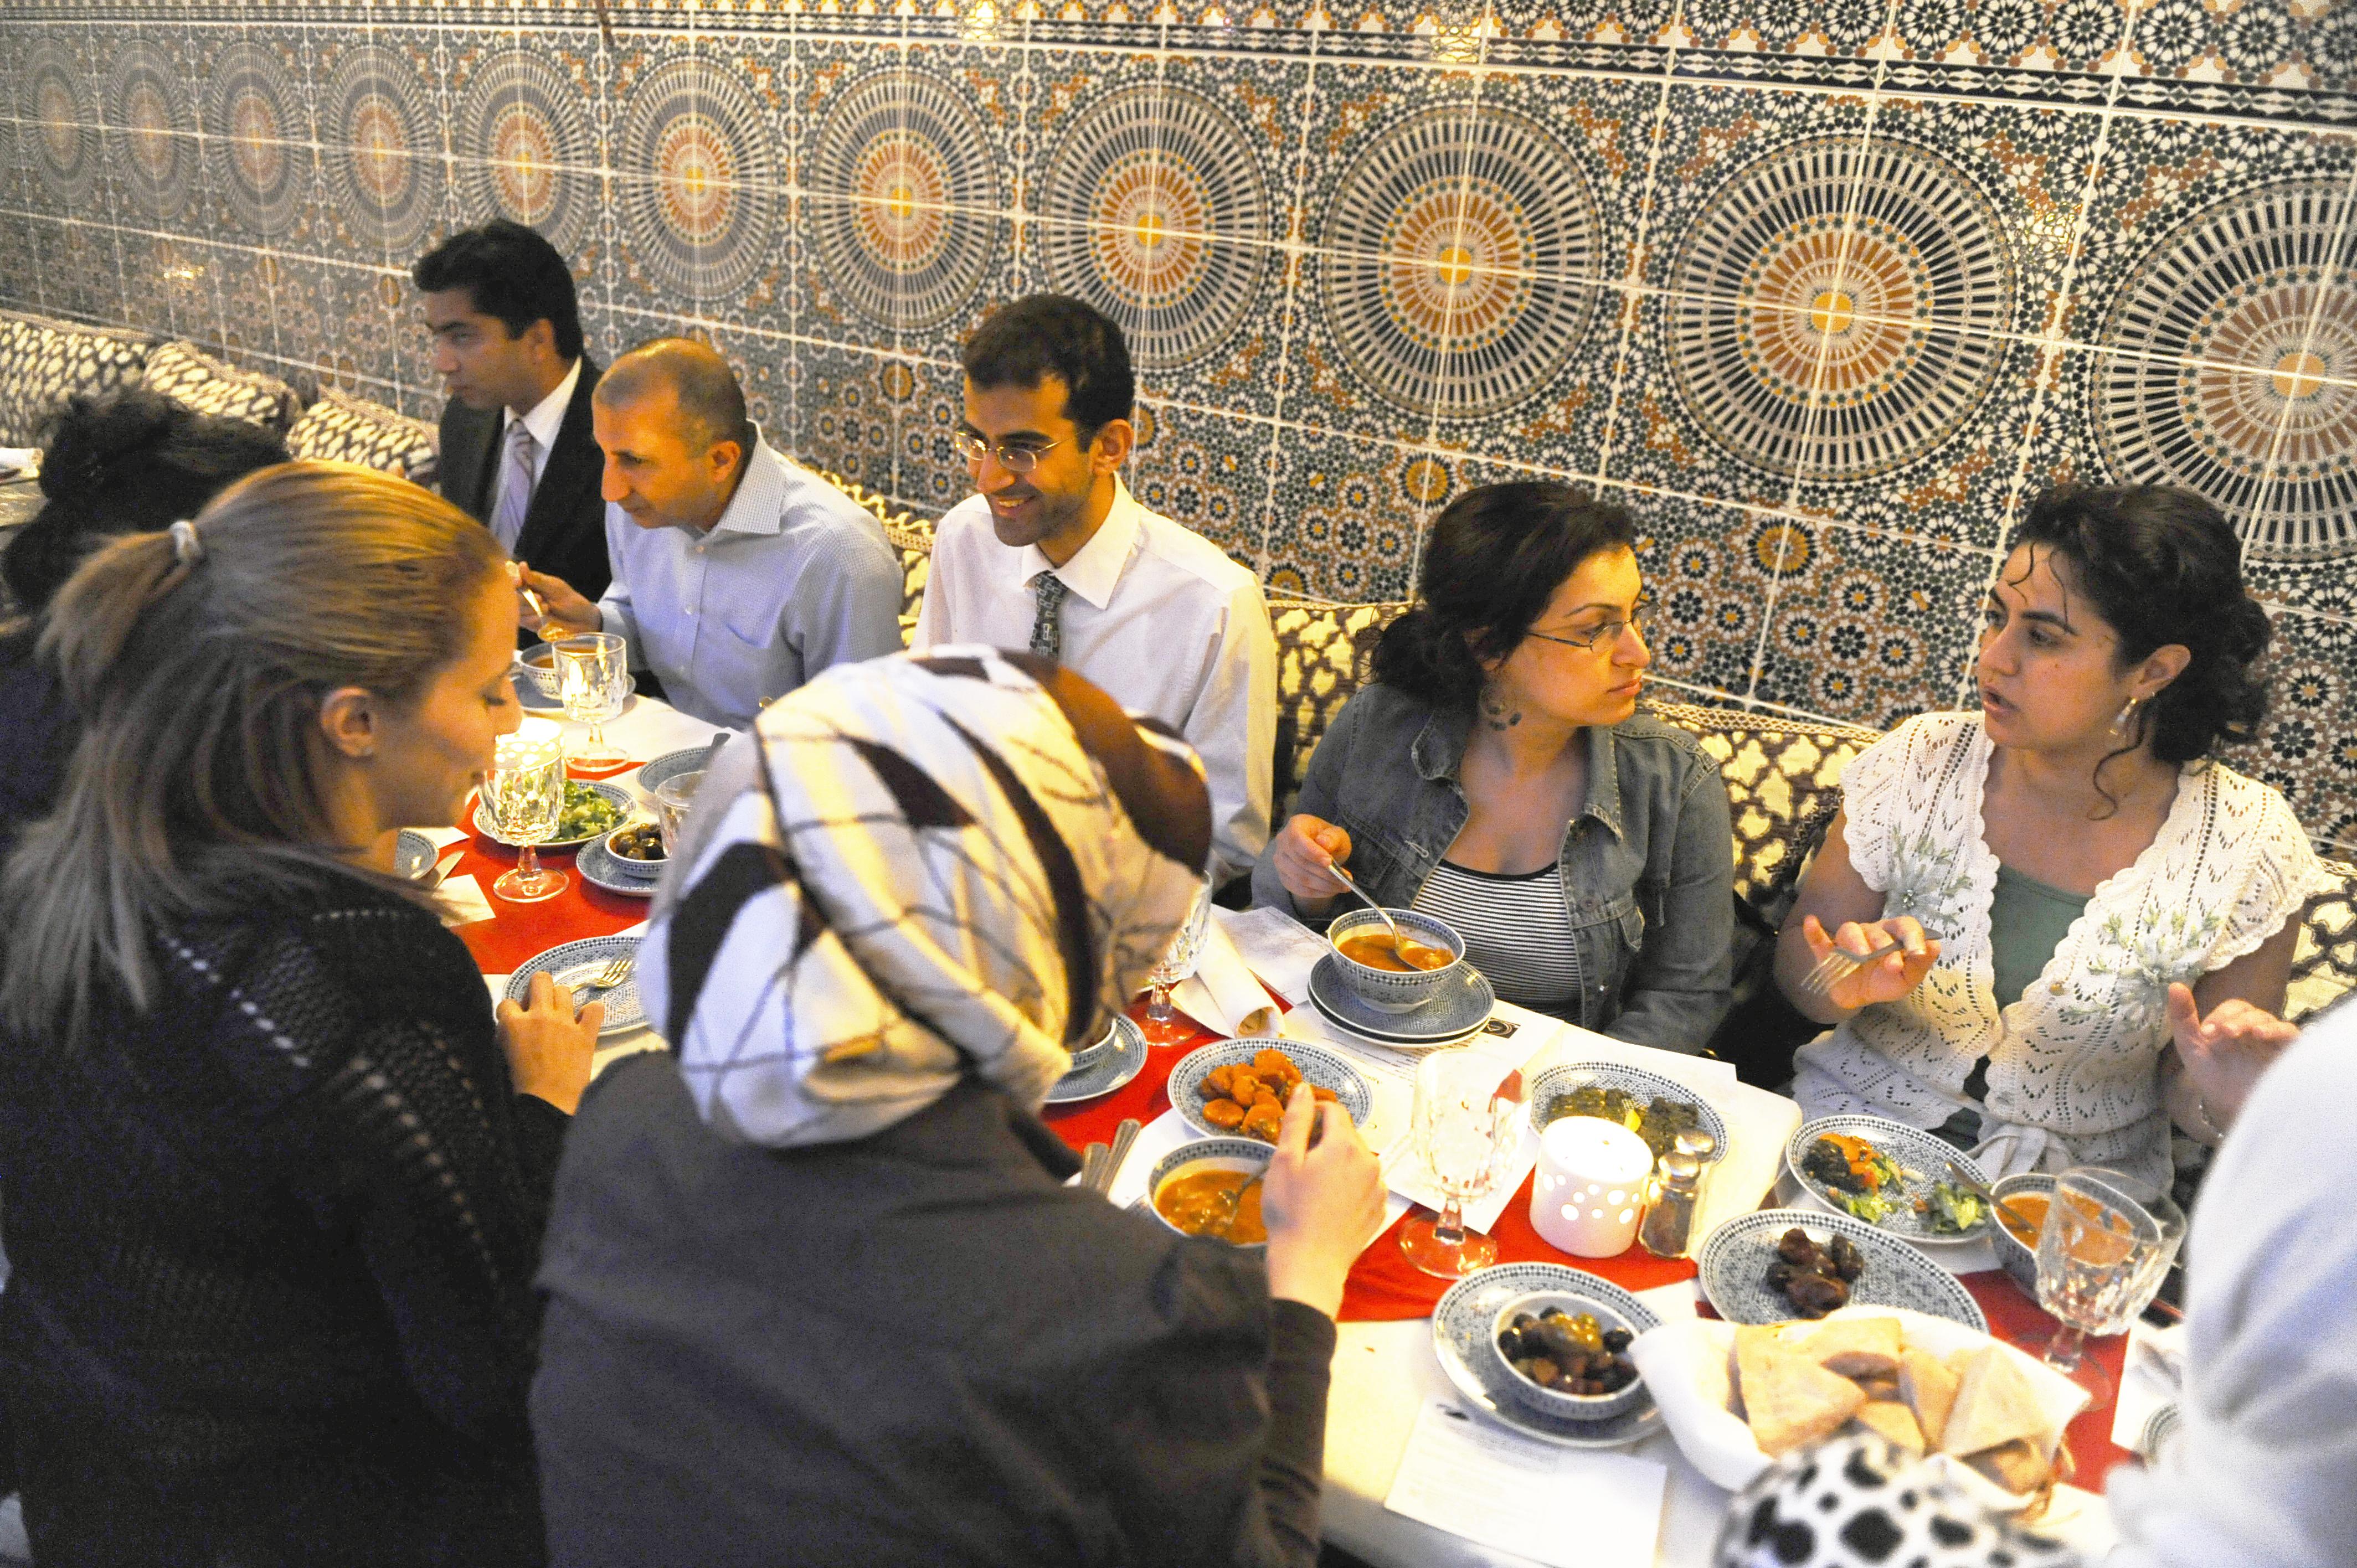 Un groupe de personnes attablées autour d'un dîner dans un décor moyen-oriental. (© Getty Images)